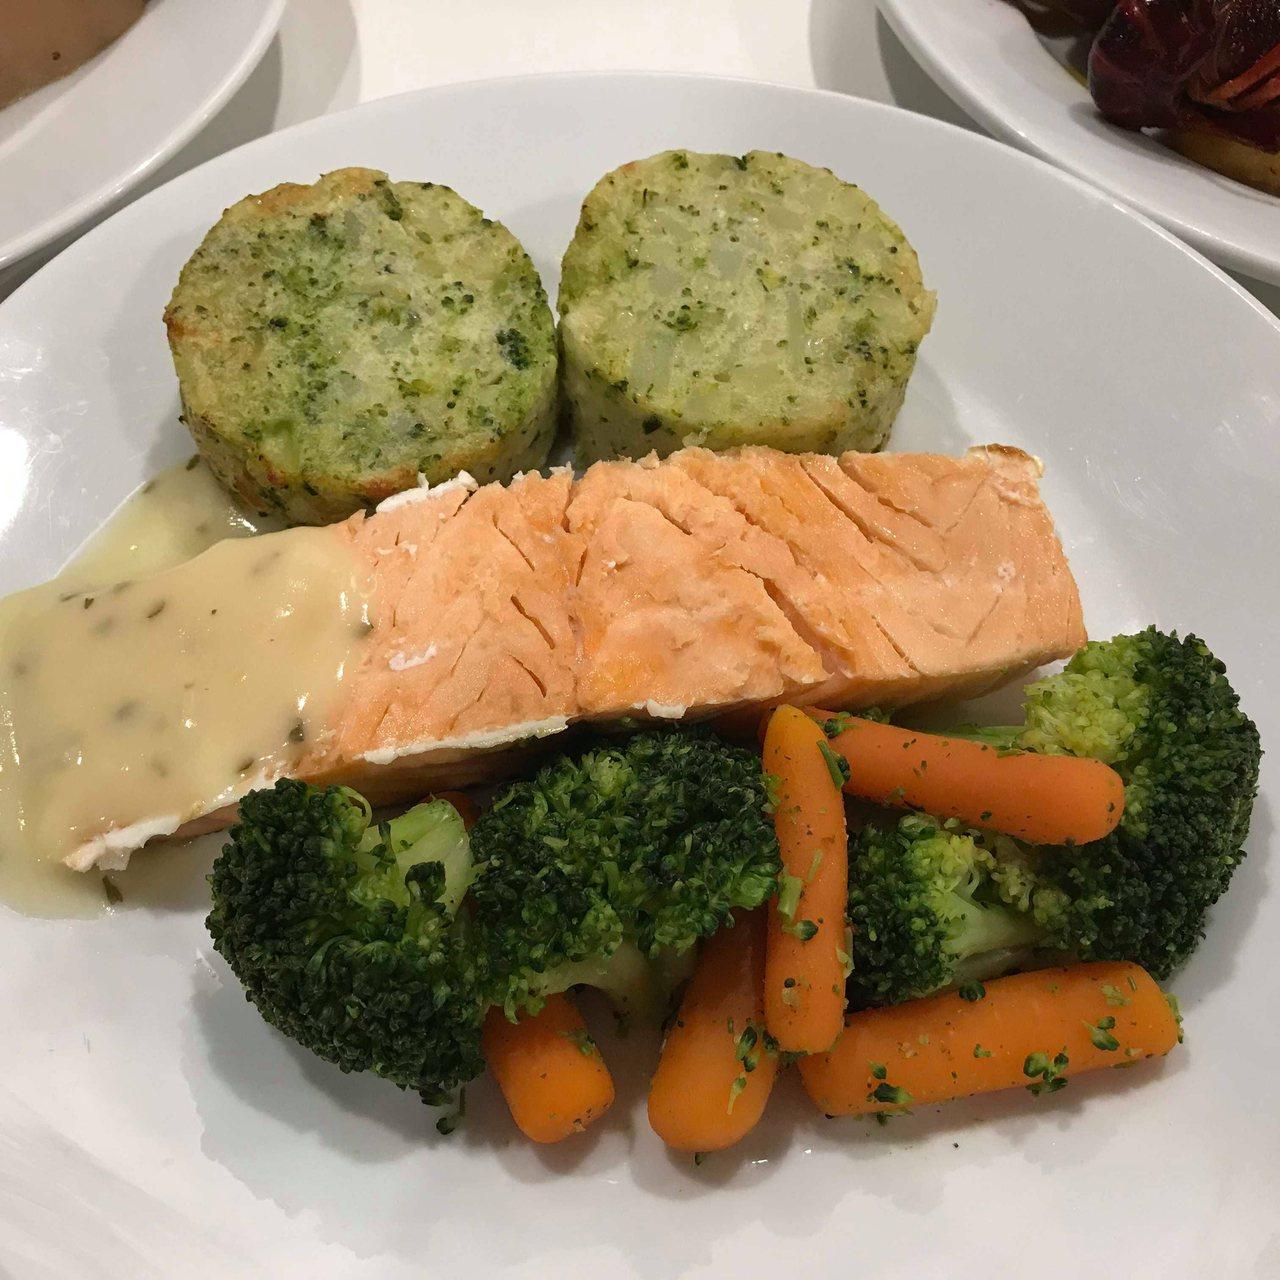 IKEA瑞典餐廳新推出鮭魚菲力佐蔬菜馬鈴薯餅,售價250元。記者陳立儀/攝影